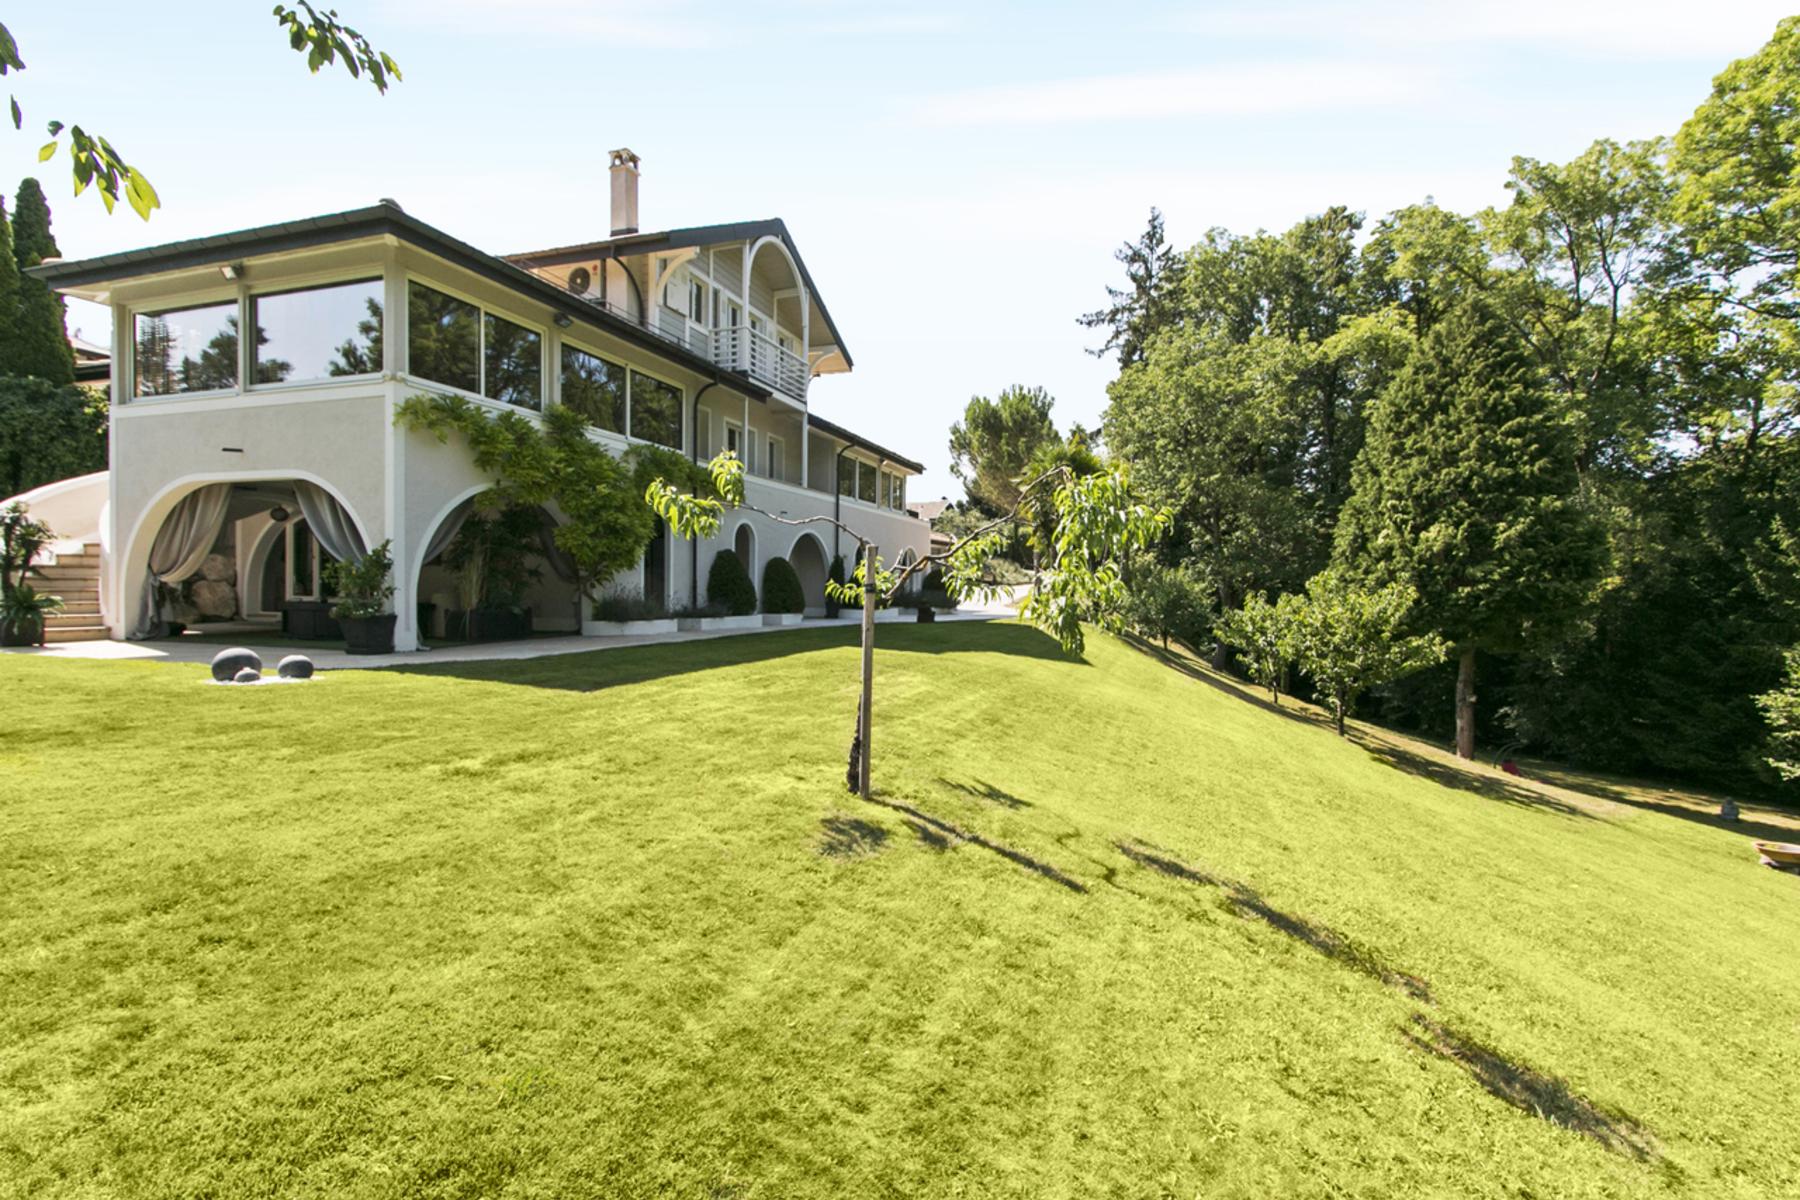 Частный односемейный дом для того Продажа на For sale, House, 1227 Carouge GE, Réf 8679 Other Switzerland, Другие Регионы В Швейцарии, 1227 Швейцария